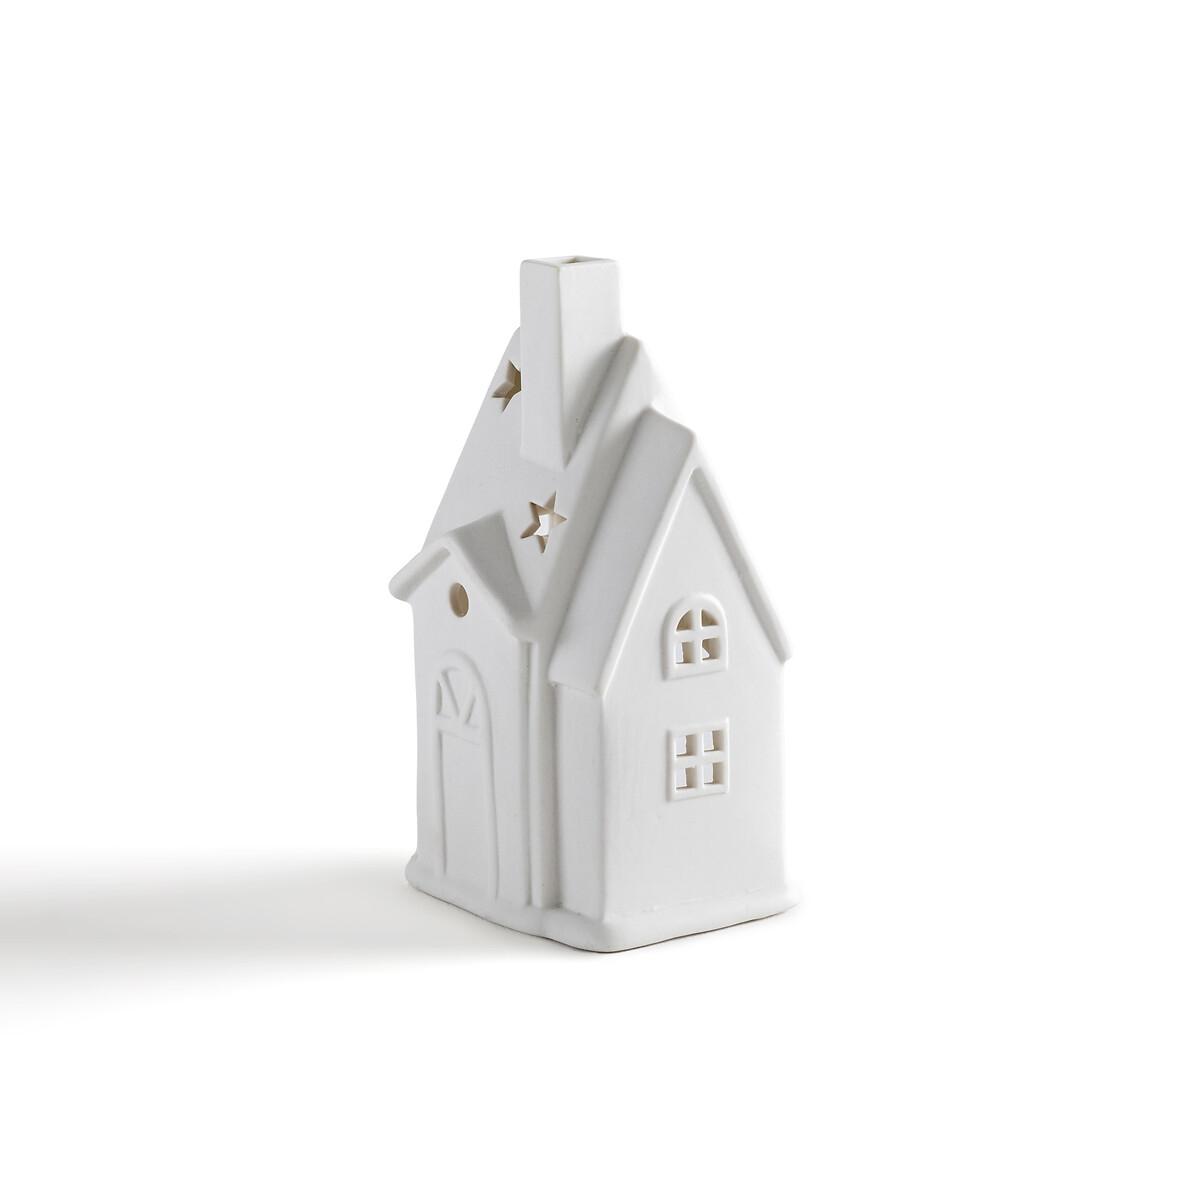 Фото - Подсвечник-домик LaRedoute Из керамики Caspar единый размер белый caspar lee caspar lee